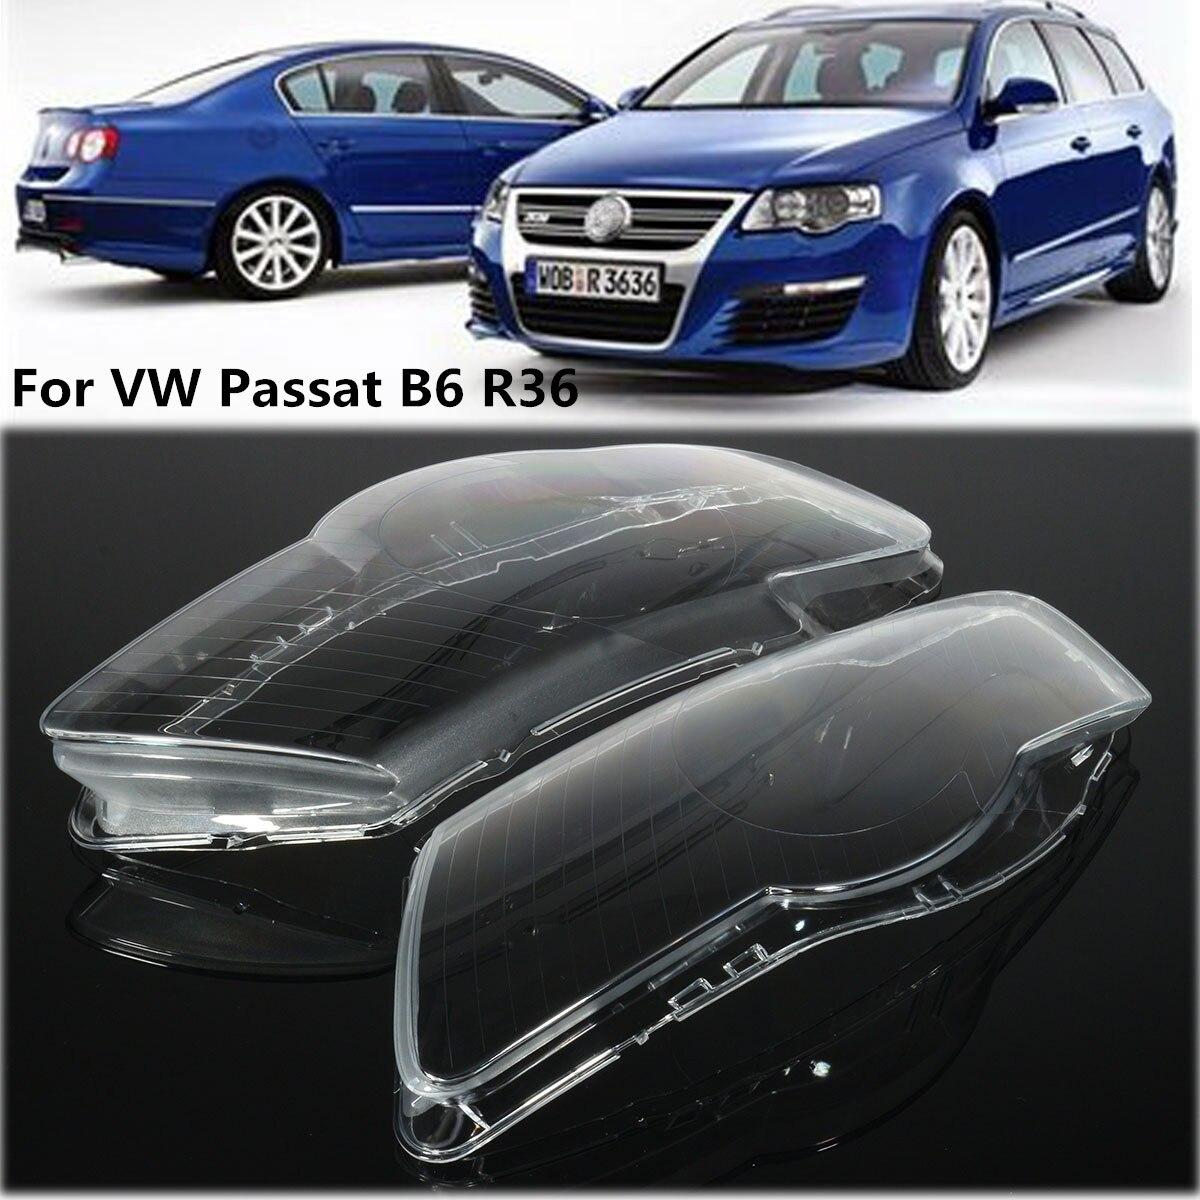 Paar Auto Scheinwerfer Scheinwerfer Wasserdichte Helle Klar Abdeckung Objektiv Für Volkswagen VW Passat B6 bi-Xenon scheinwerfer R36